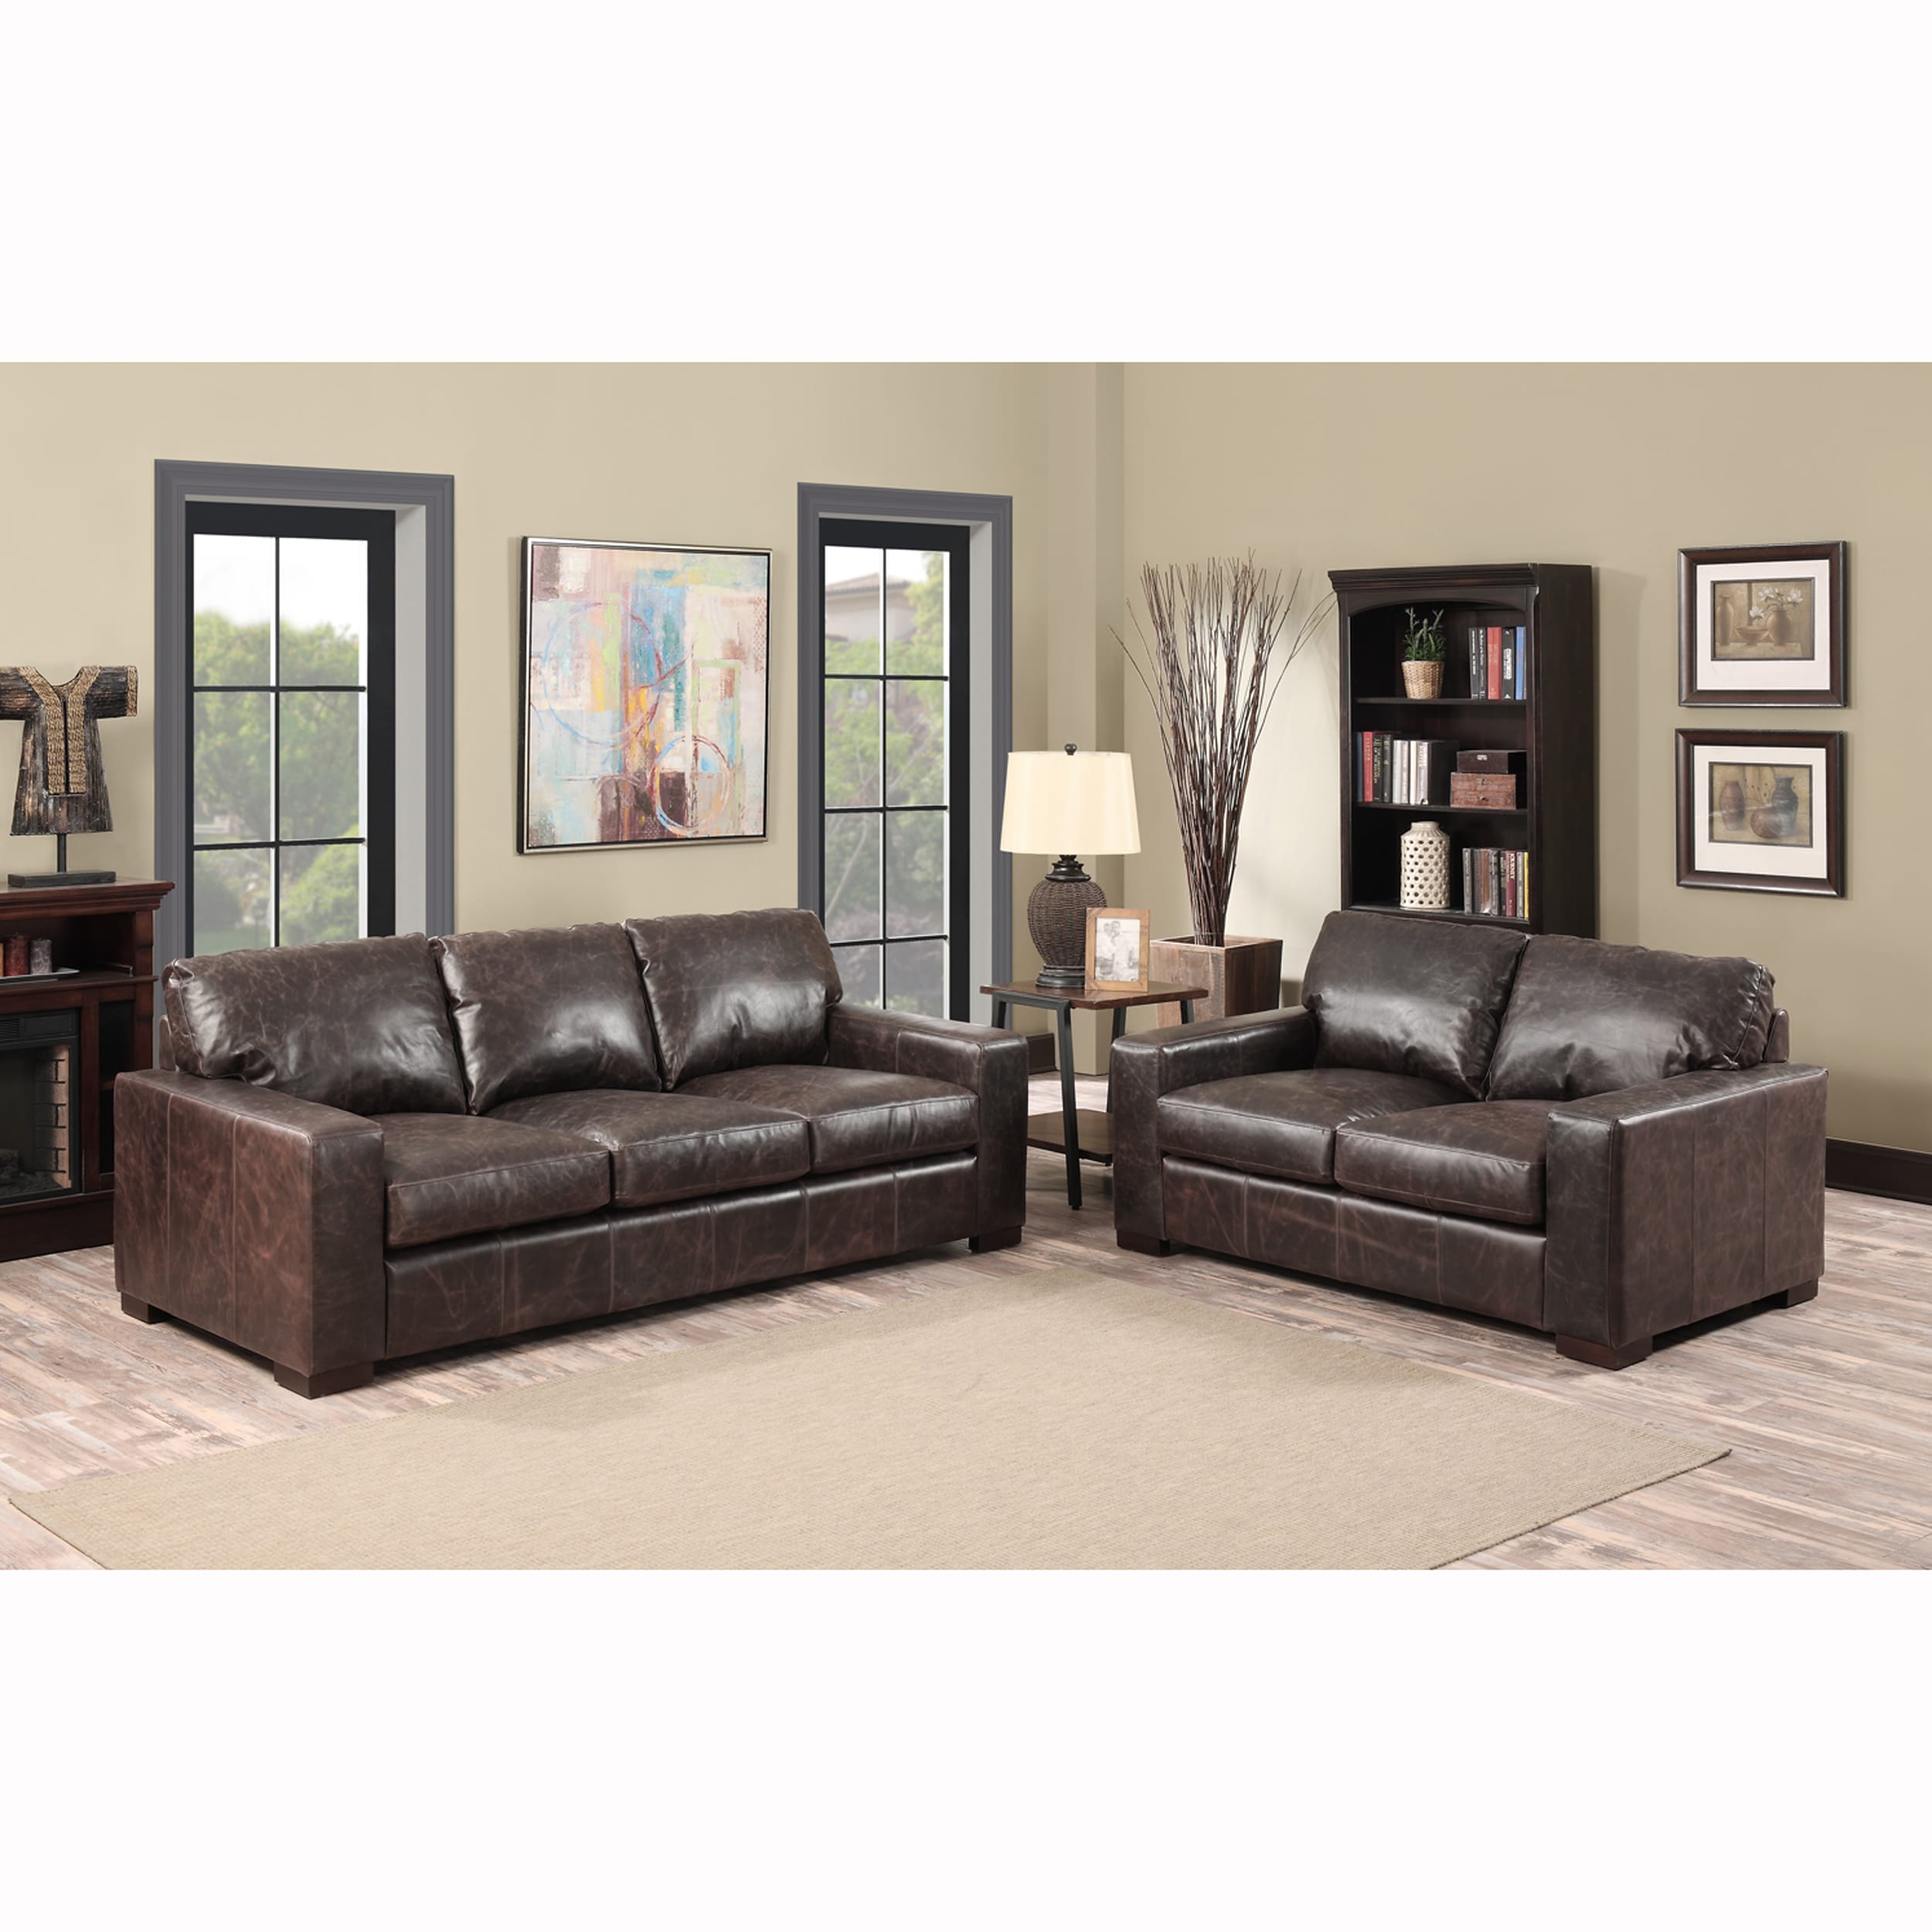 Maxweld Premium Distressed Brown Top Grain Leather Sofa And Loveseat